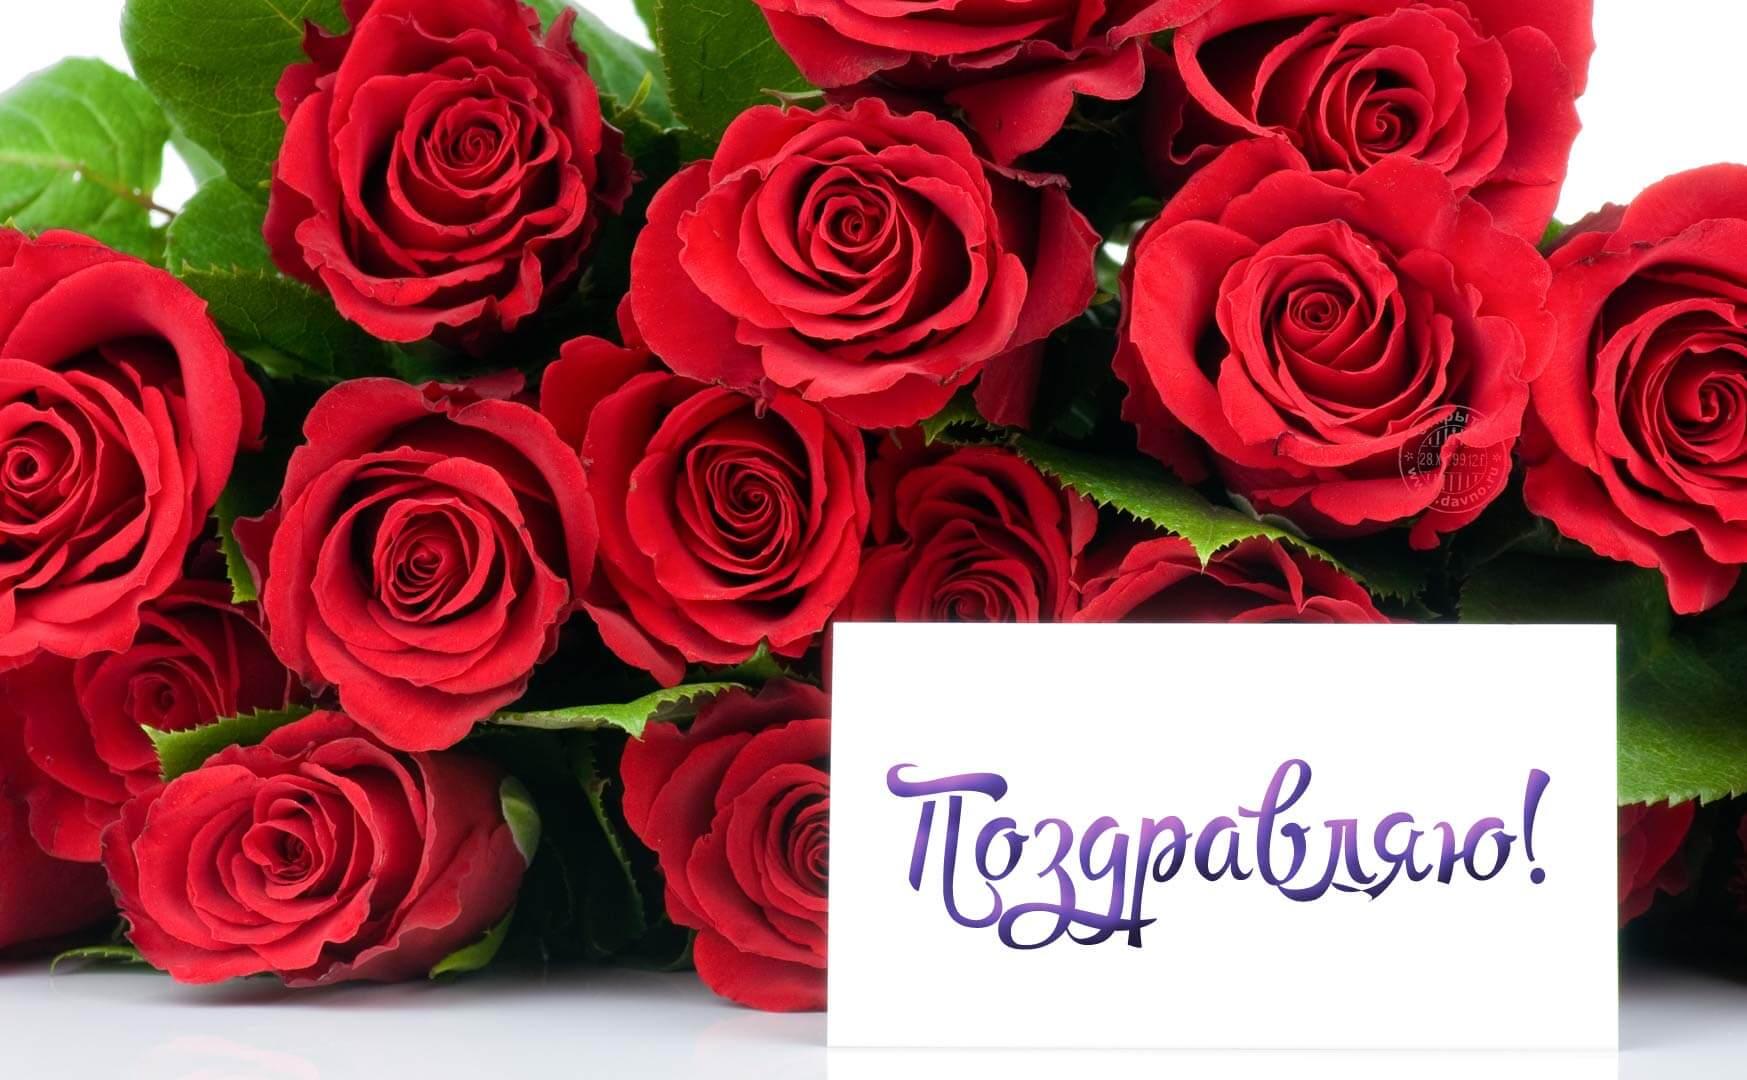 Девочке днем, картинки розы с надписью поздравляю